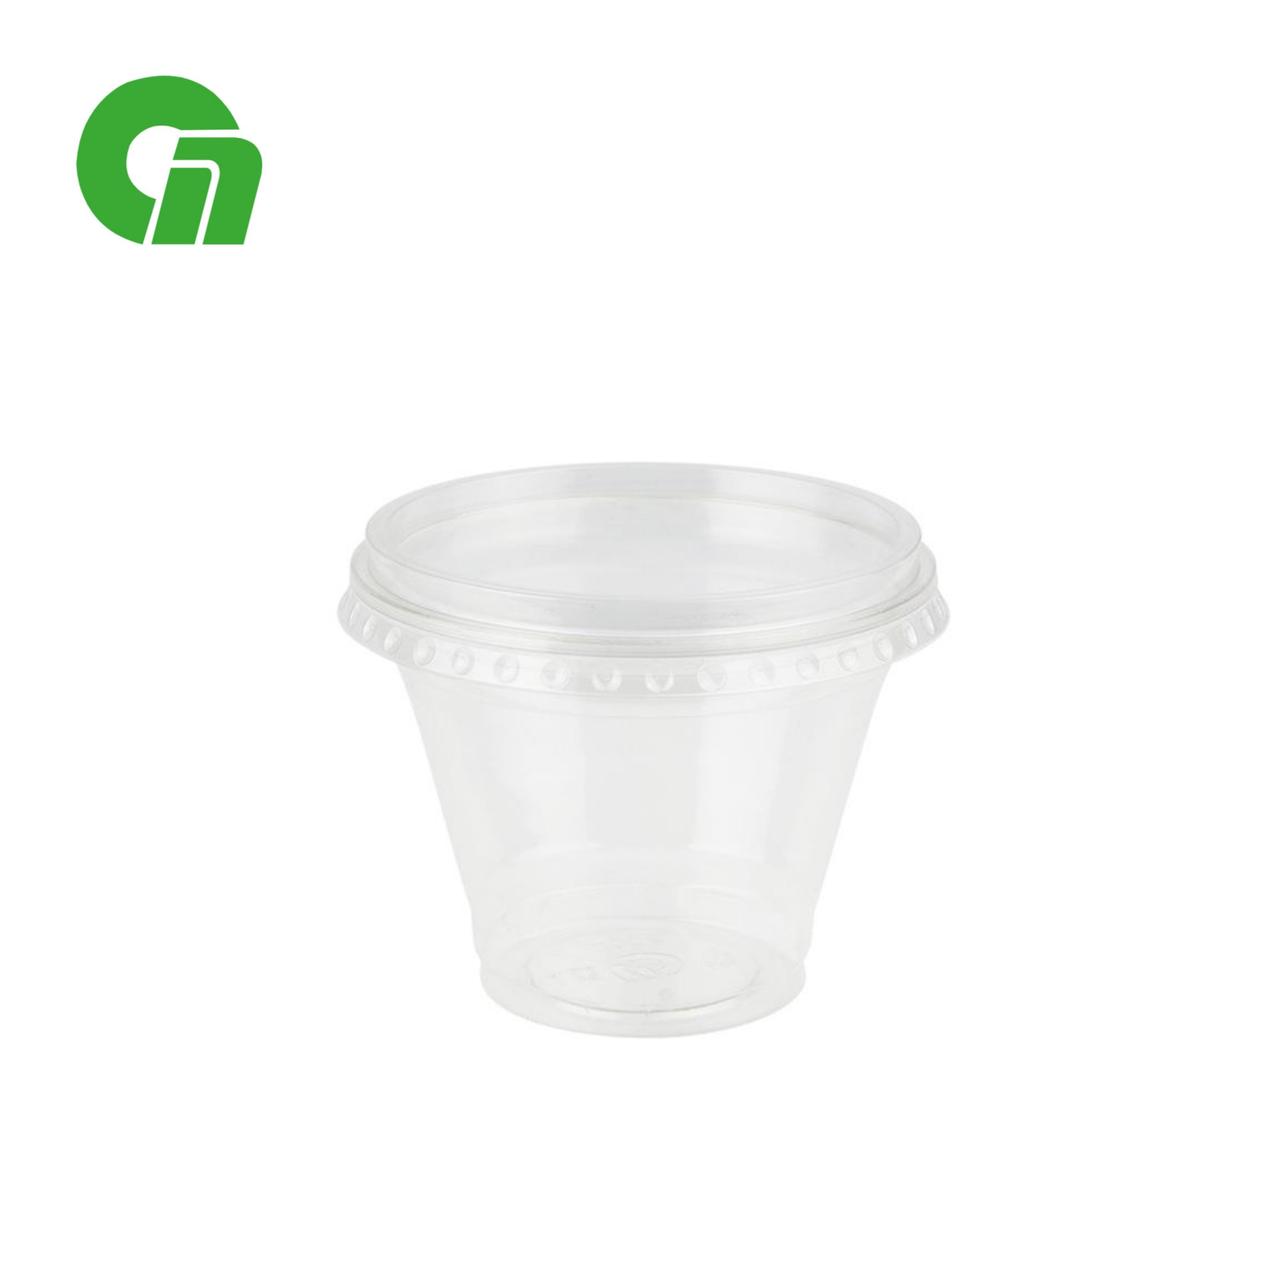 Стакан для коктейлей, пластиковый, с плоской крышкой (С отверстием) - шейкер 200 мл ПЭТ (50/1000)